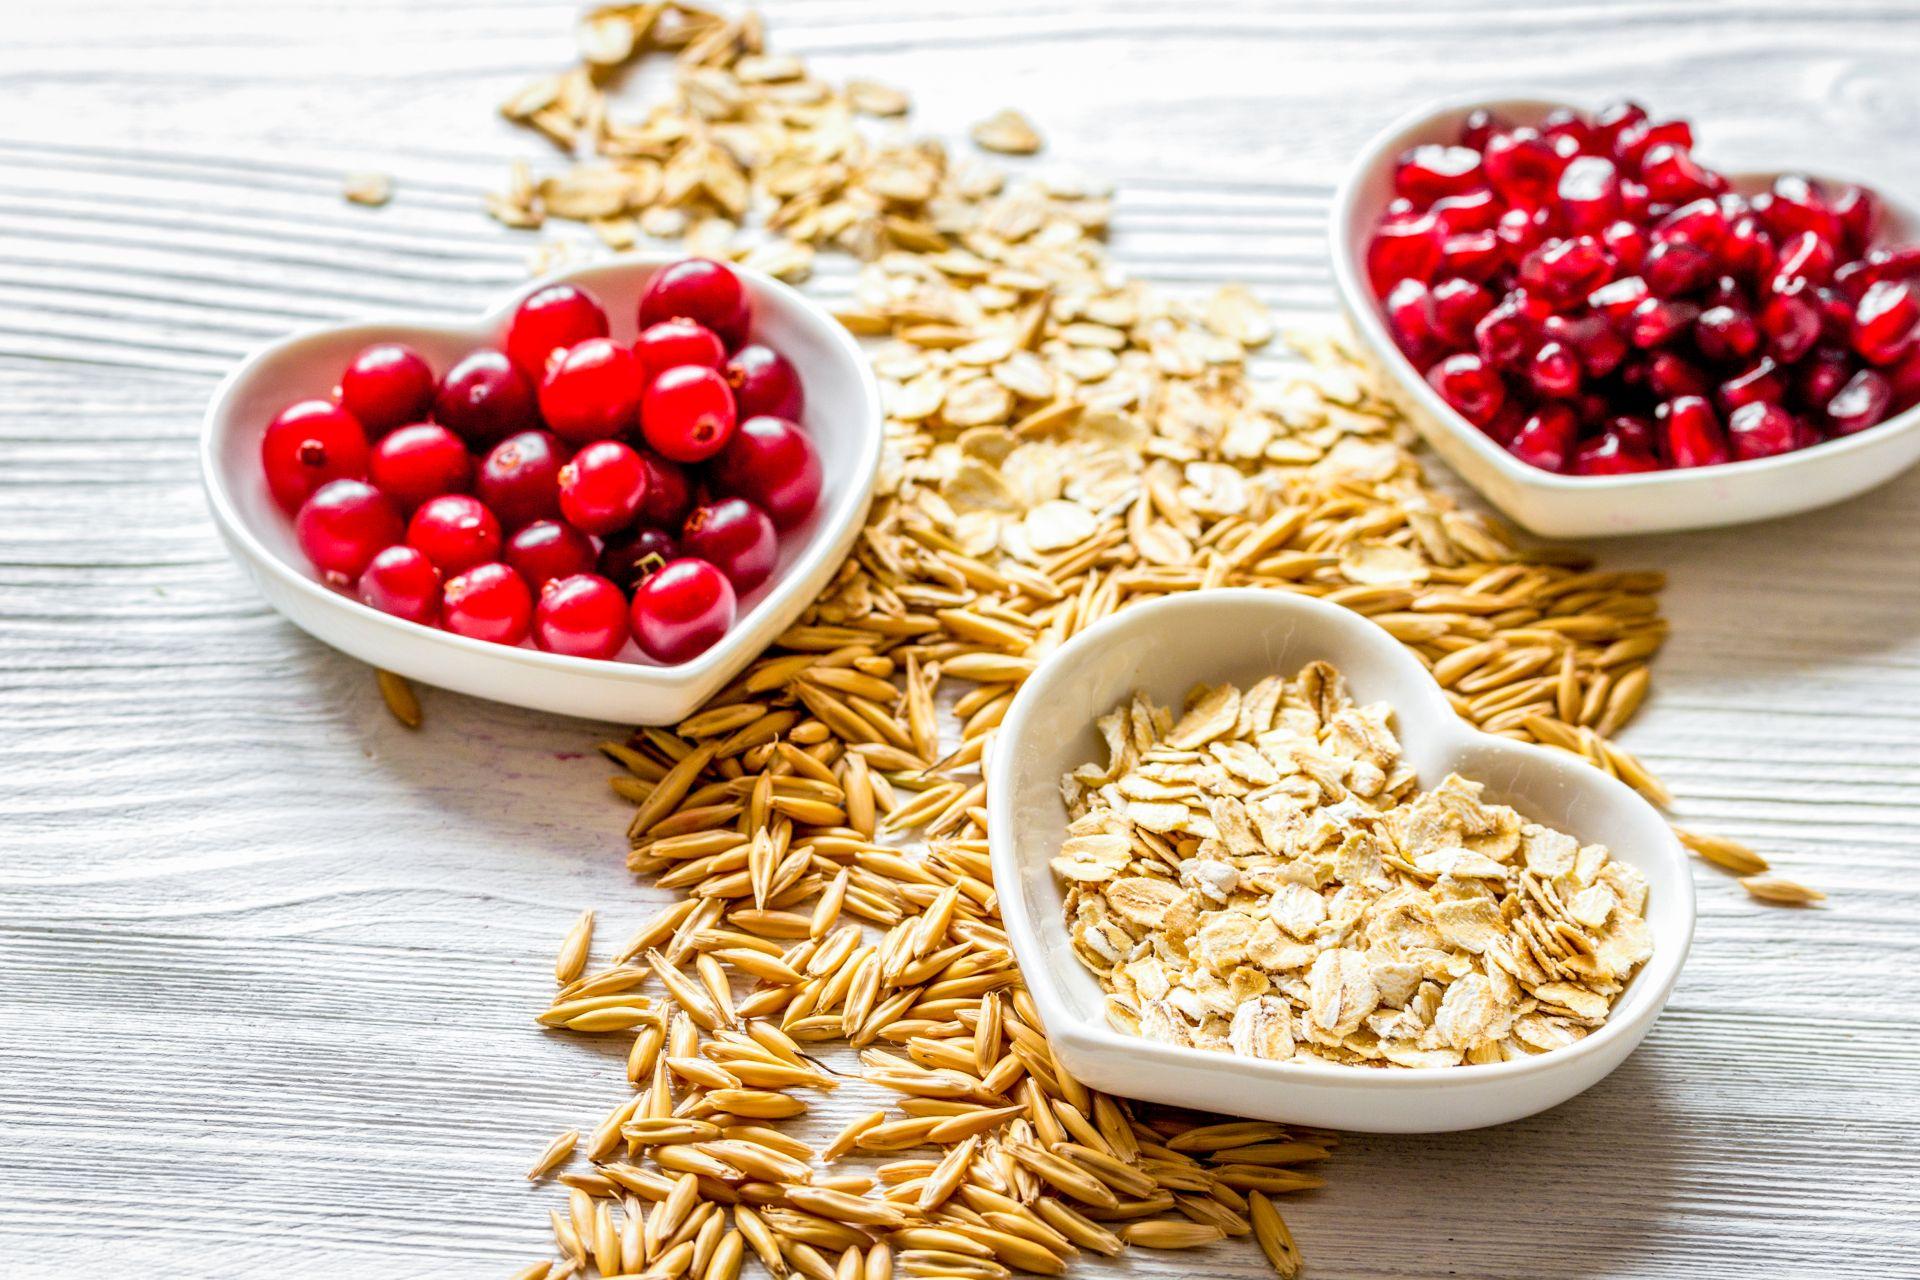 Dieta przy hipercholesterolemii bogata w sterole roślinne, błonnik, kolorowe warzywa i owoce, potas i witaminy.